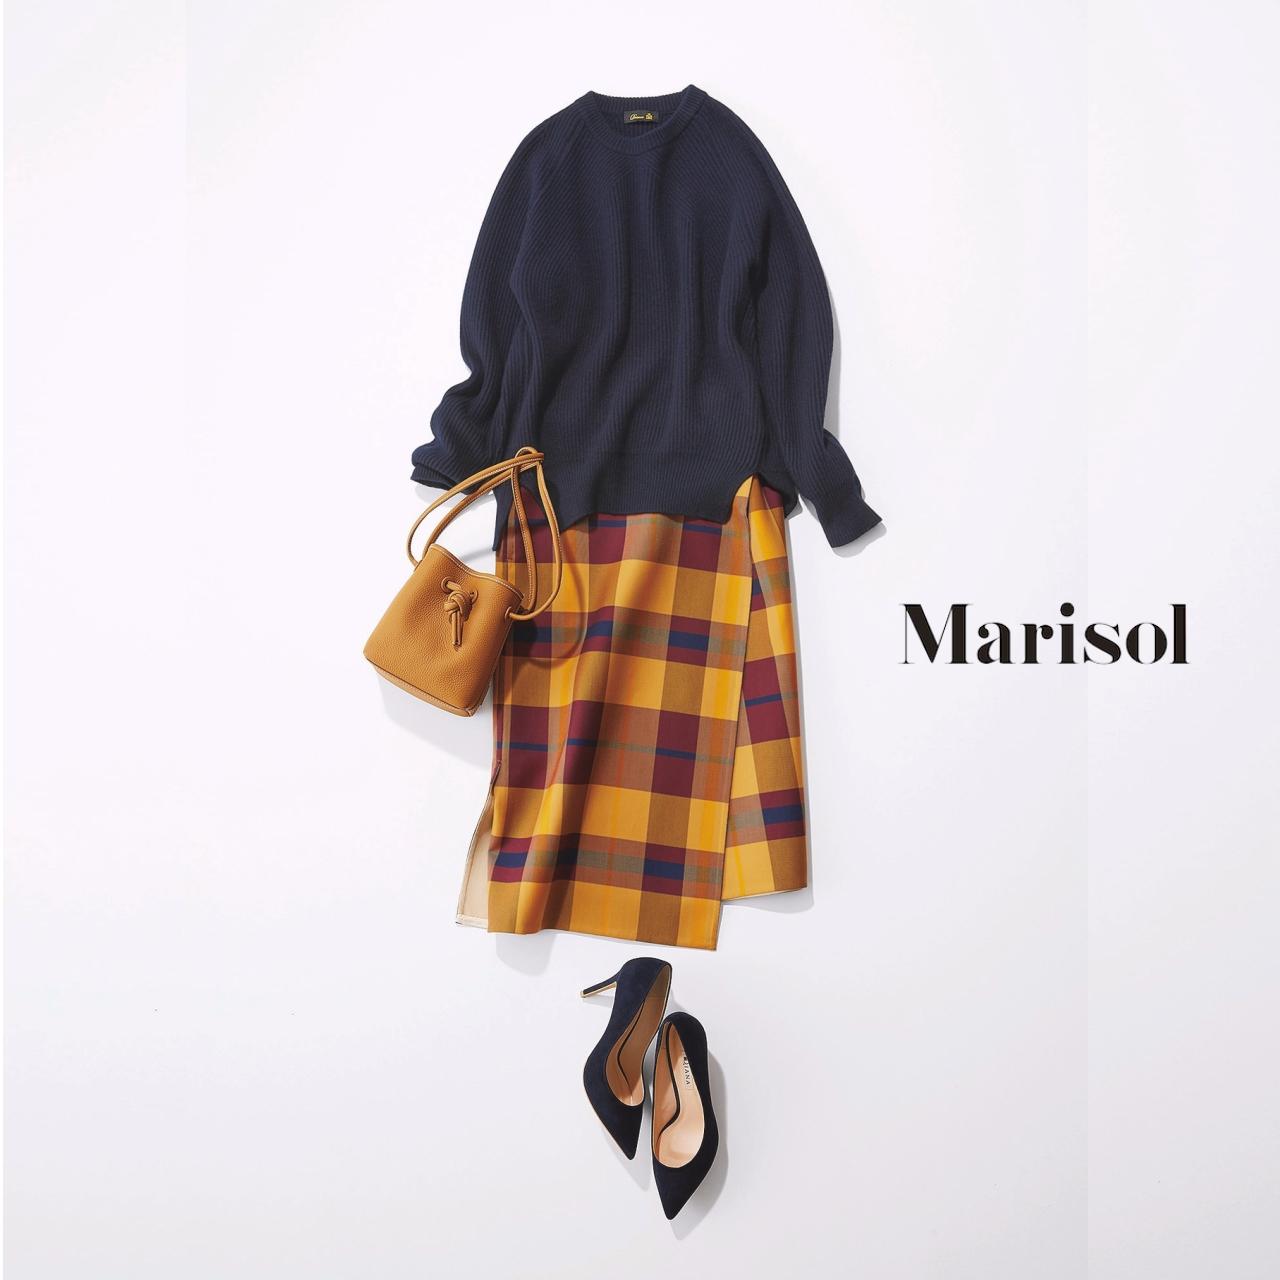 40代ファッション ネイビーニット×チェック柄スカートコーデ